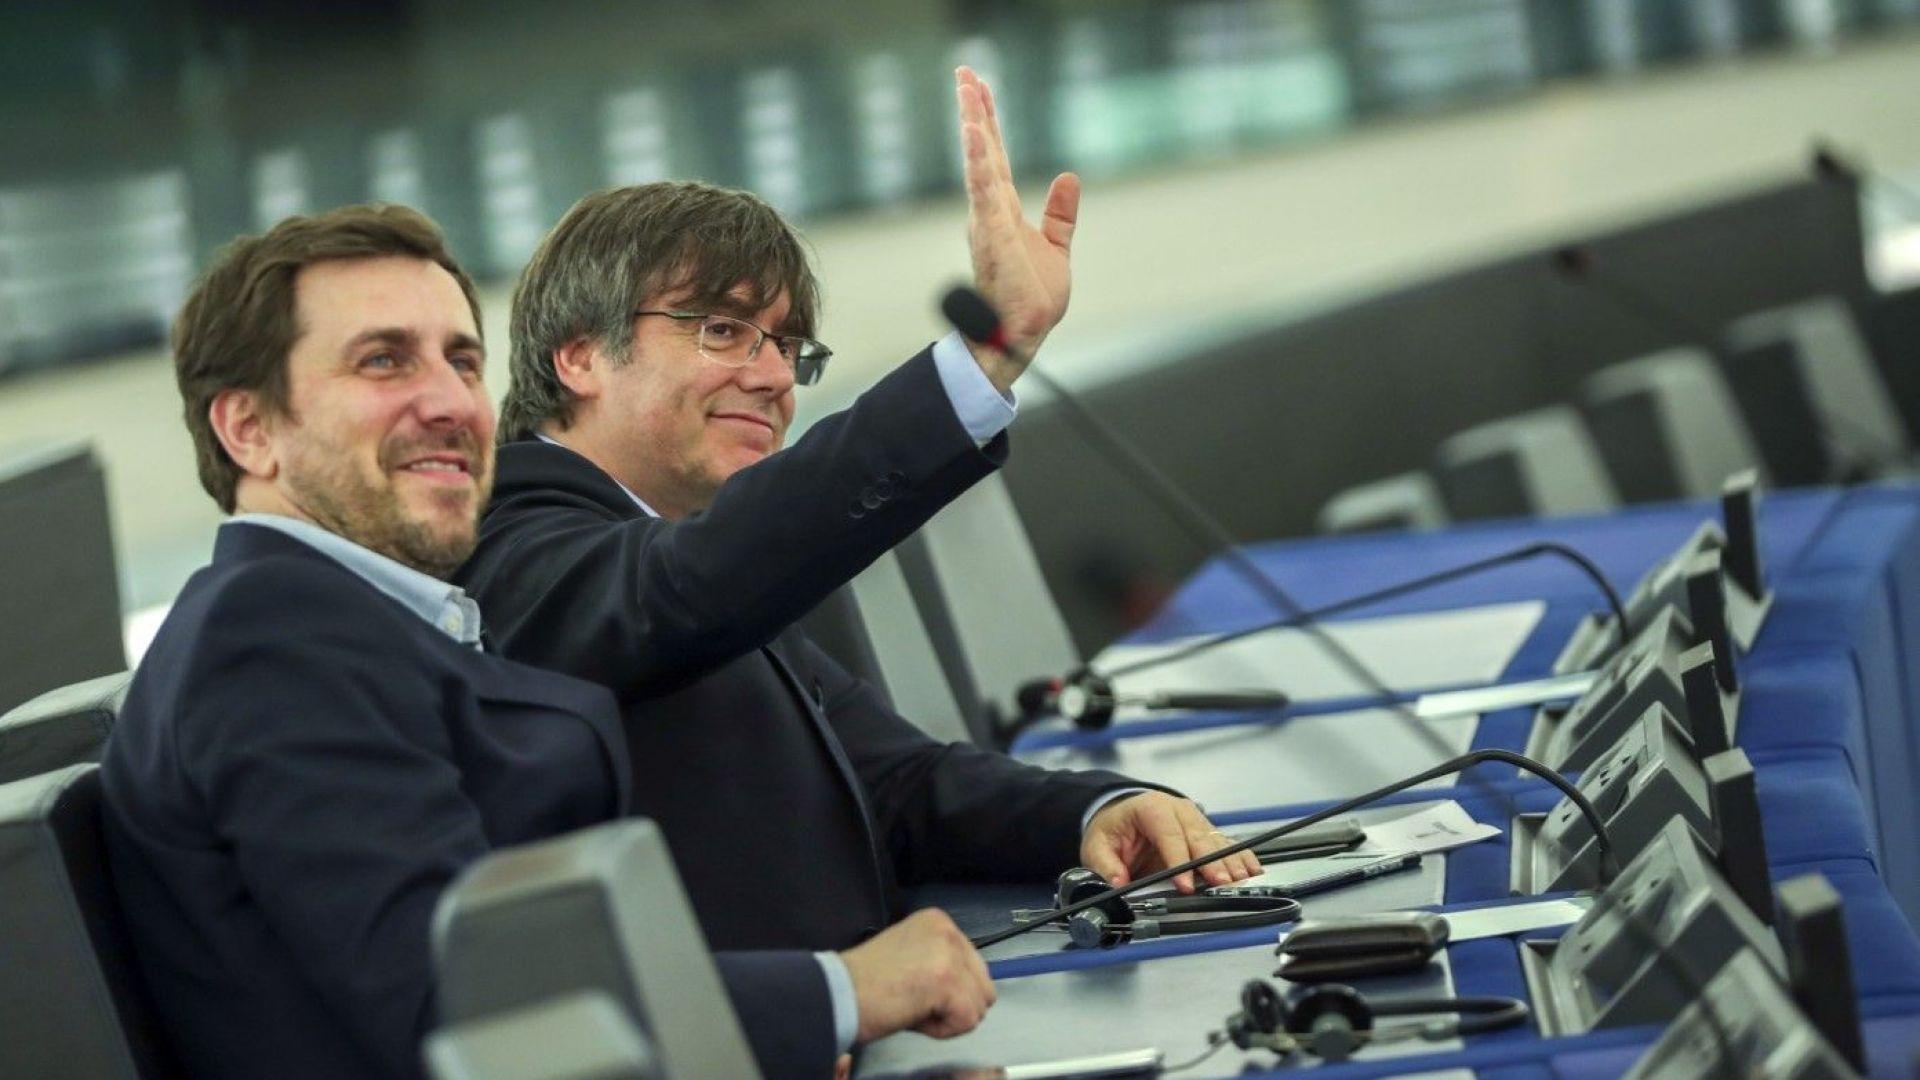 Преследваният от Испания Карлес Пучдемон зае мястото си в Европарламента